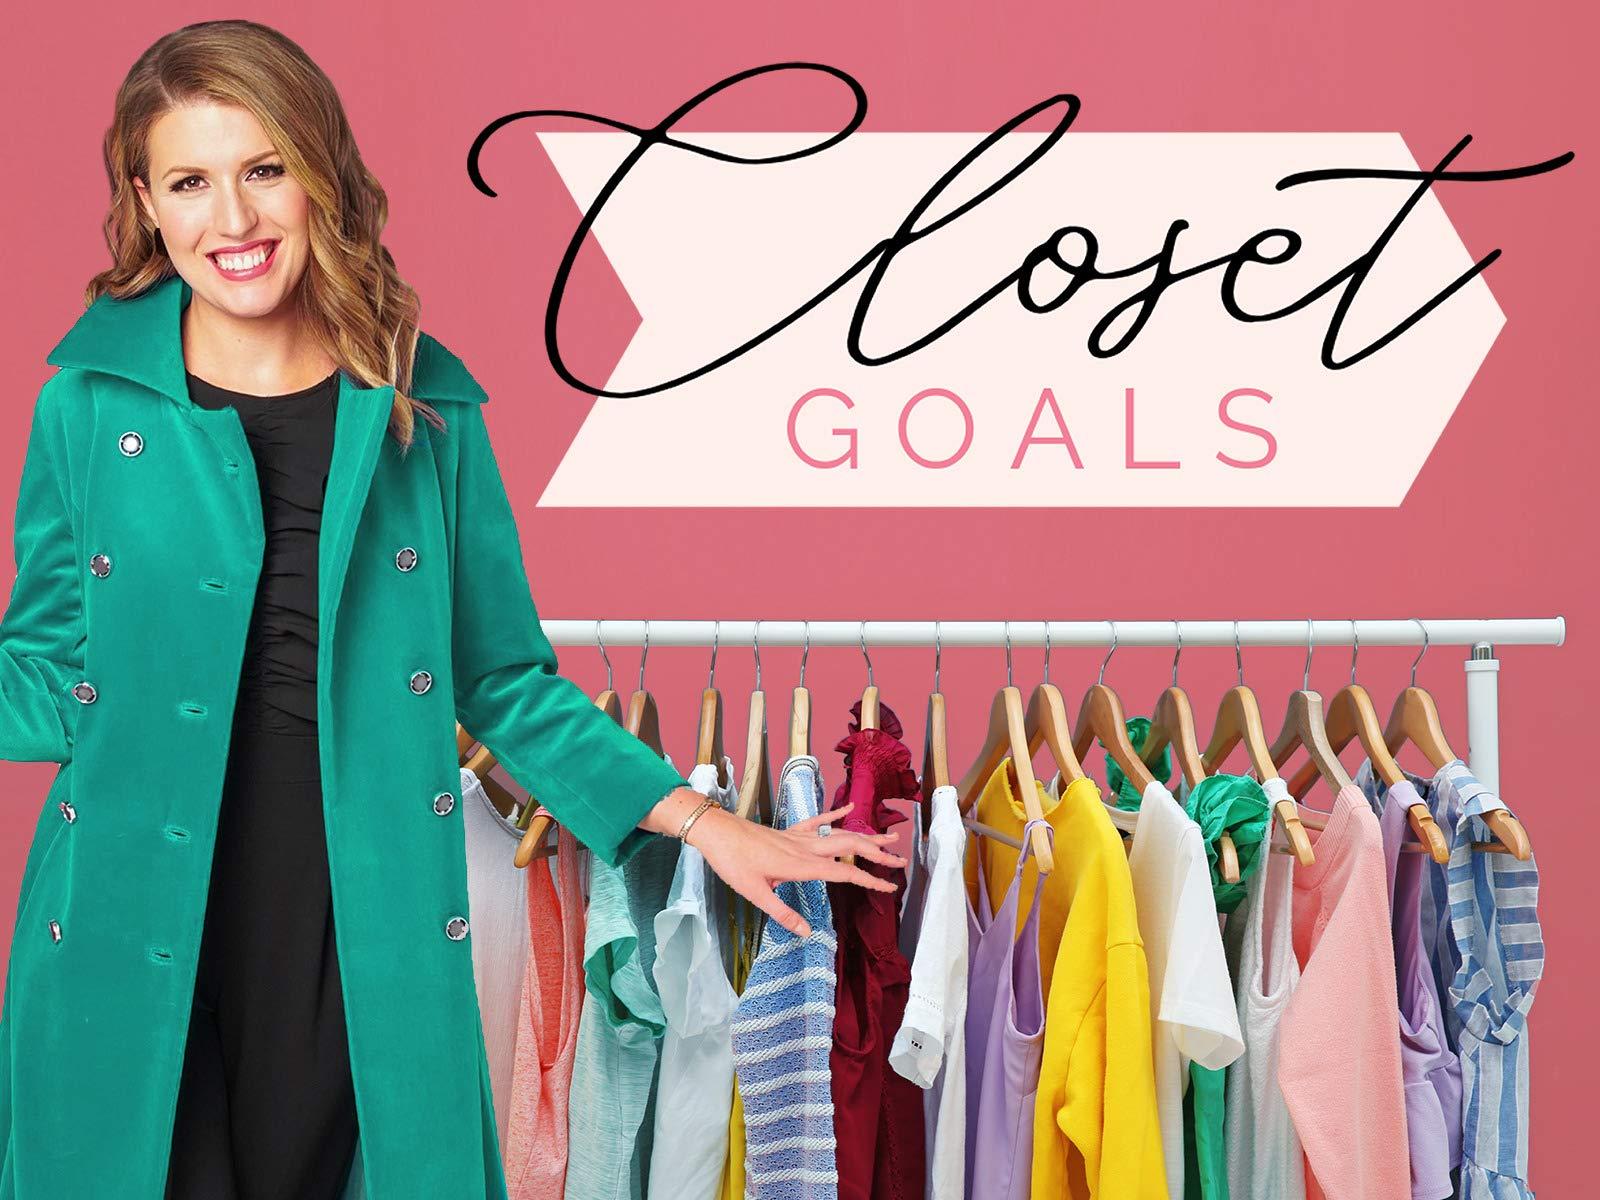 Closet Goals - Season 1